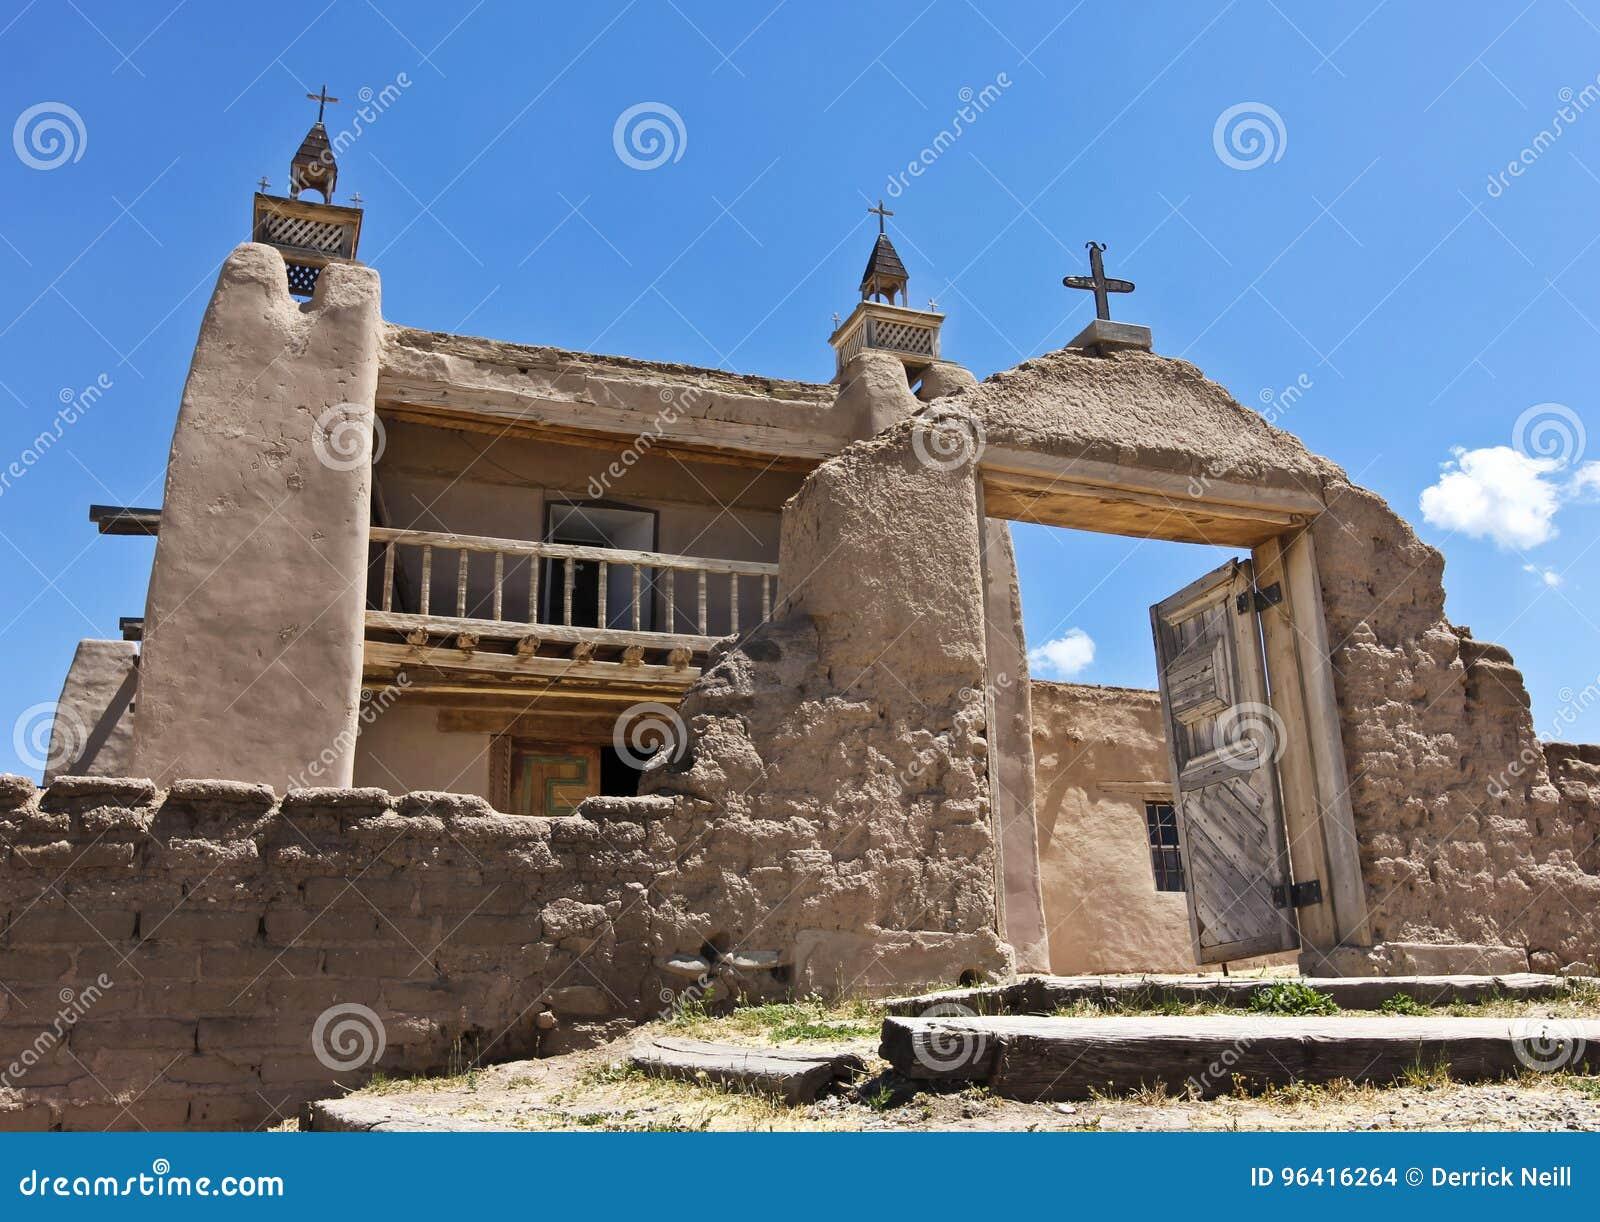 Una iglesia histórica, San José de Gracia, en Las Trampas